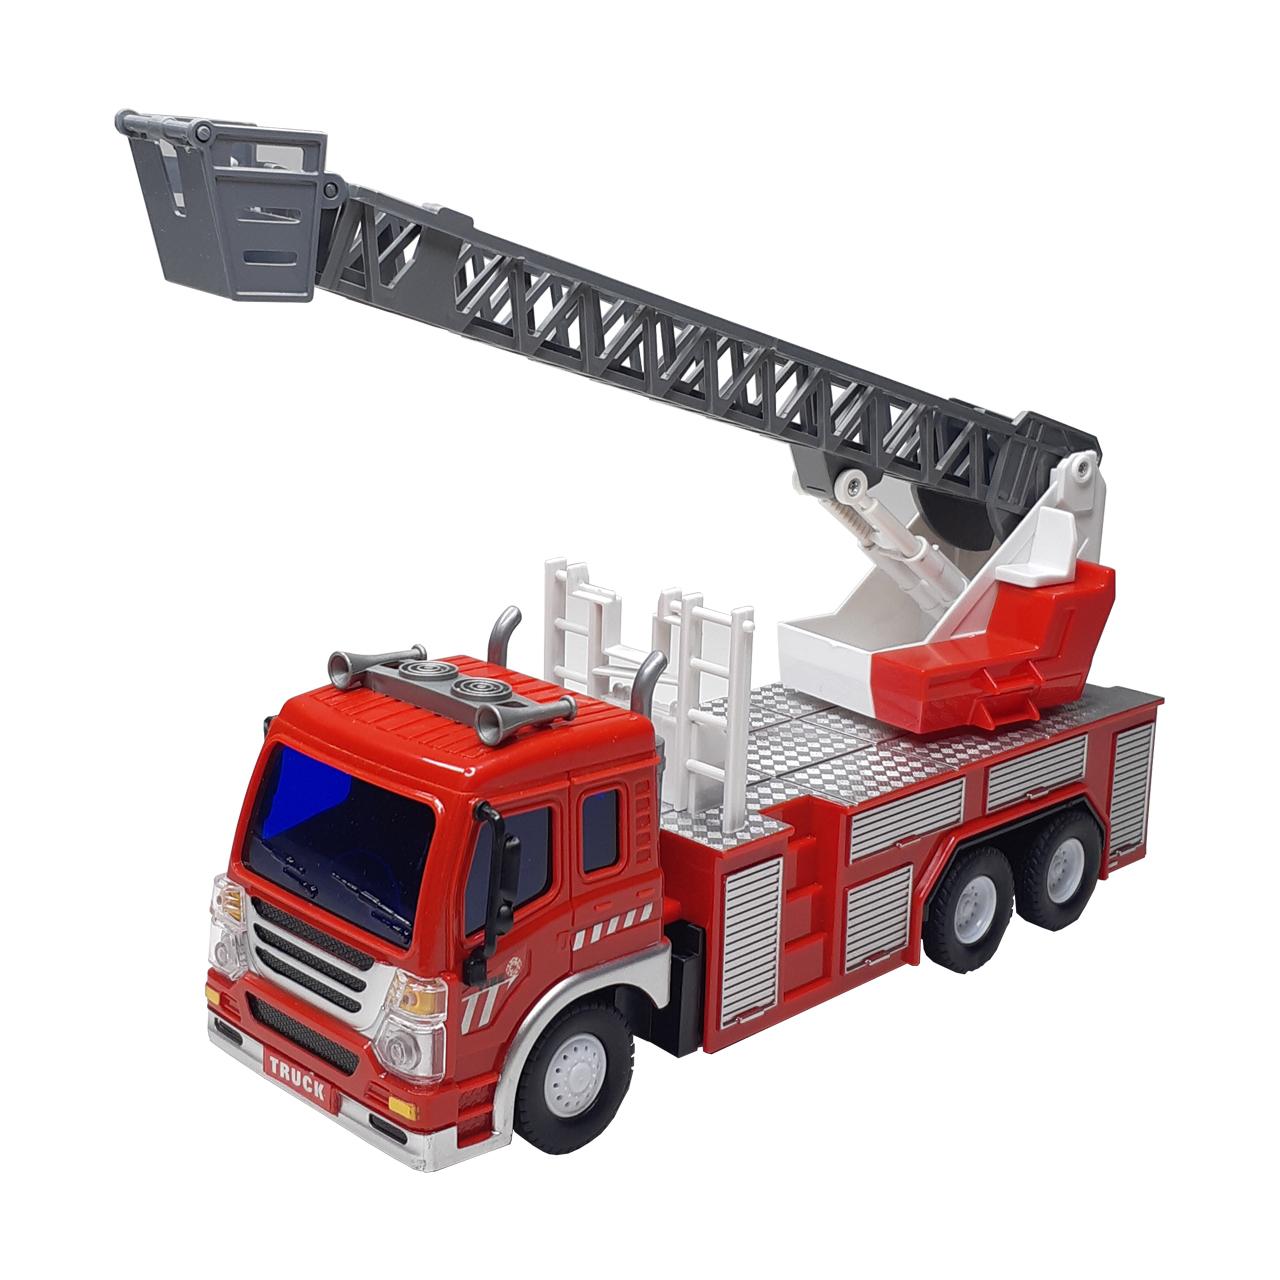 ماشین بازی کنترلی طرح آتشنشانی مدل Trucks